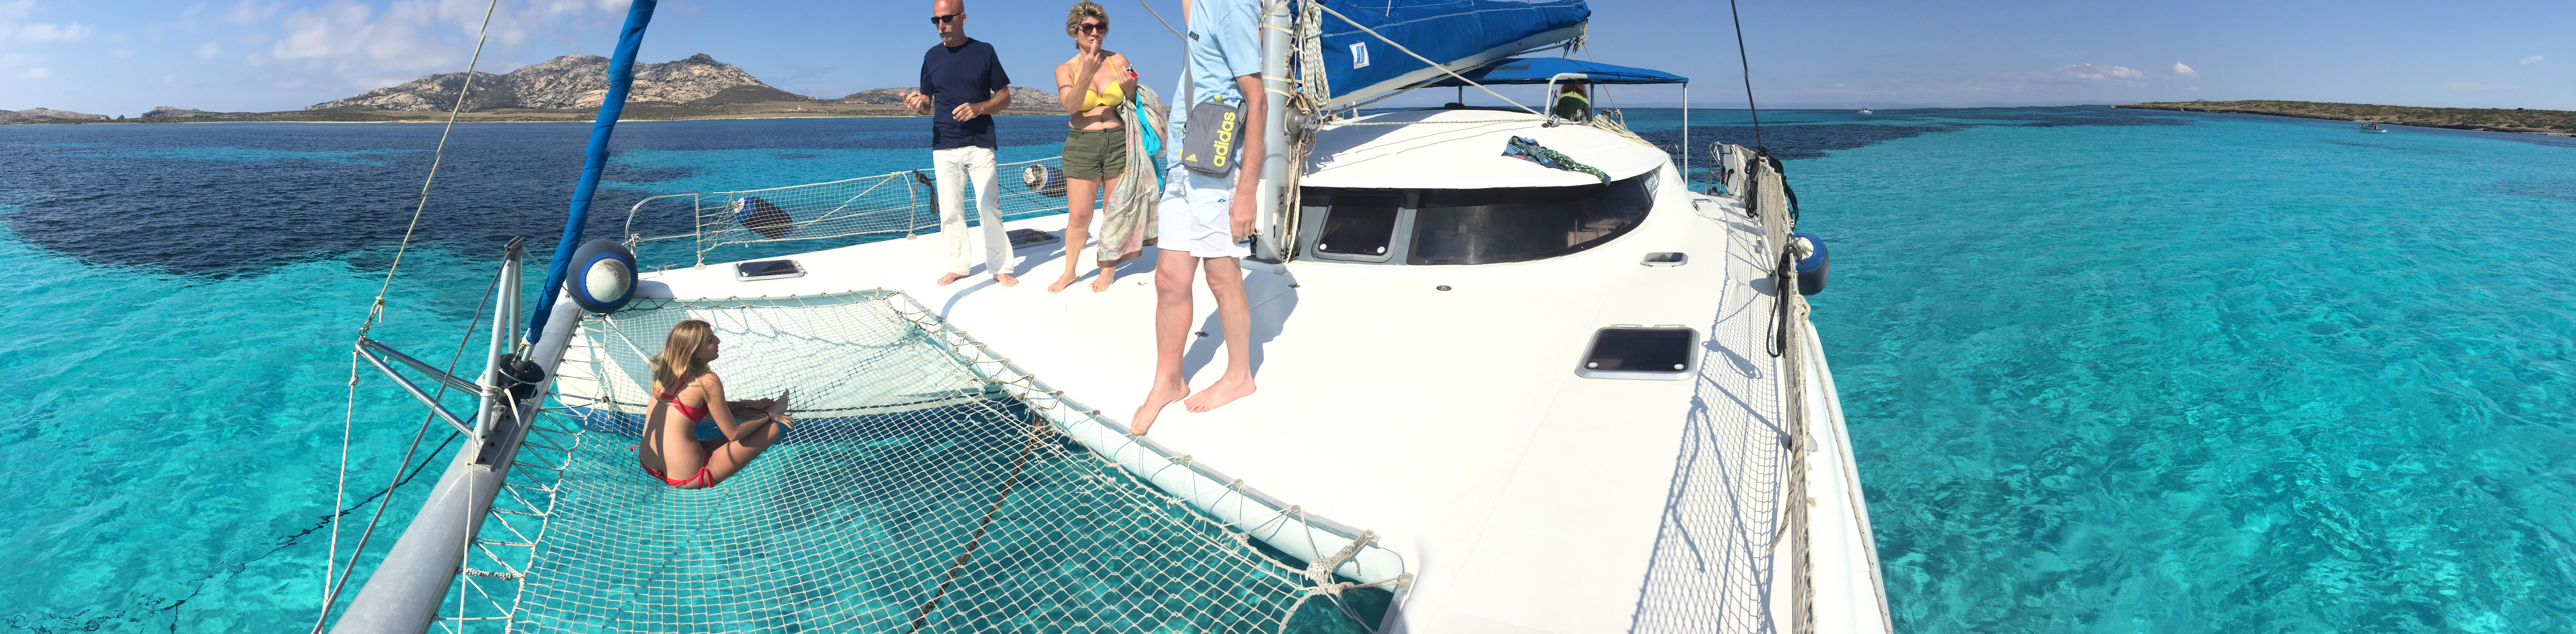 vacanze ed escursioni in catamarano sardegna e corsica e asinara